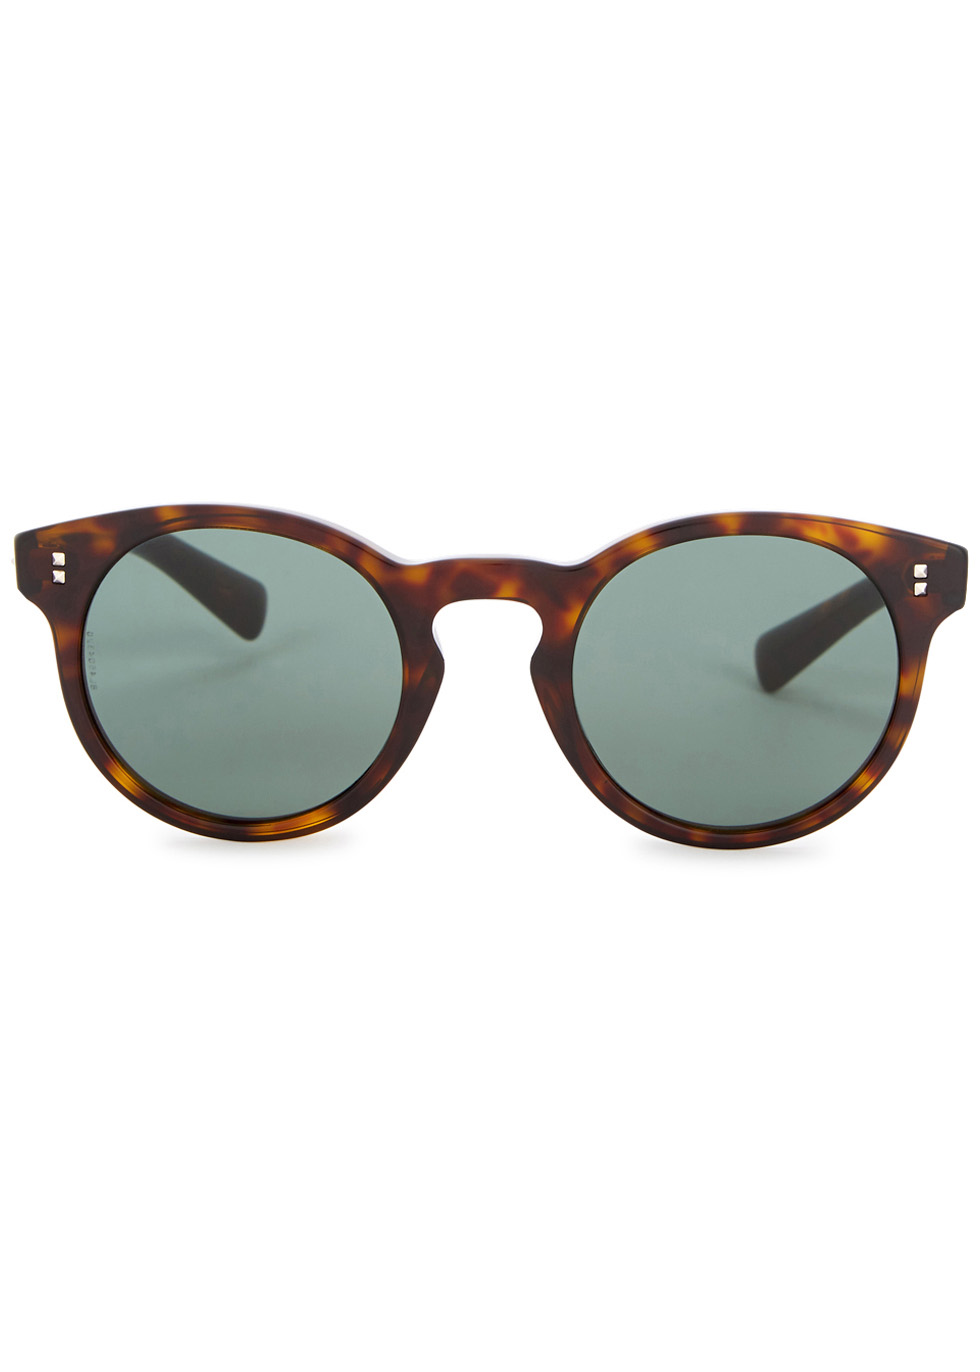 Tortoiseshell round-frame sunglasses - Valentino Garavani